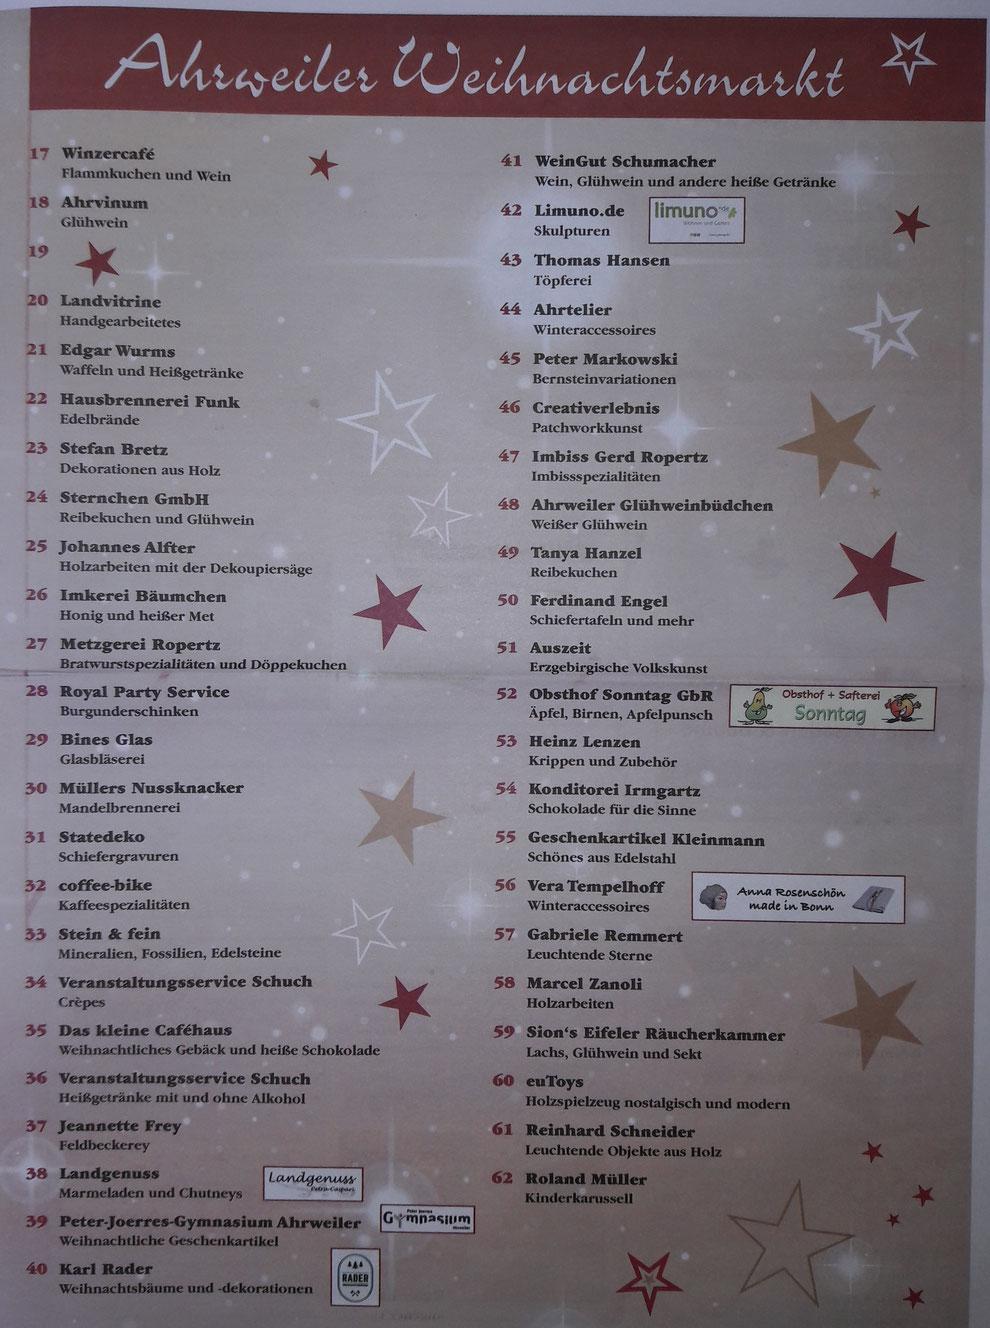 Ahrweiler Weihnachtsmarktaussteller 17 bis 54